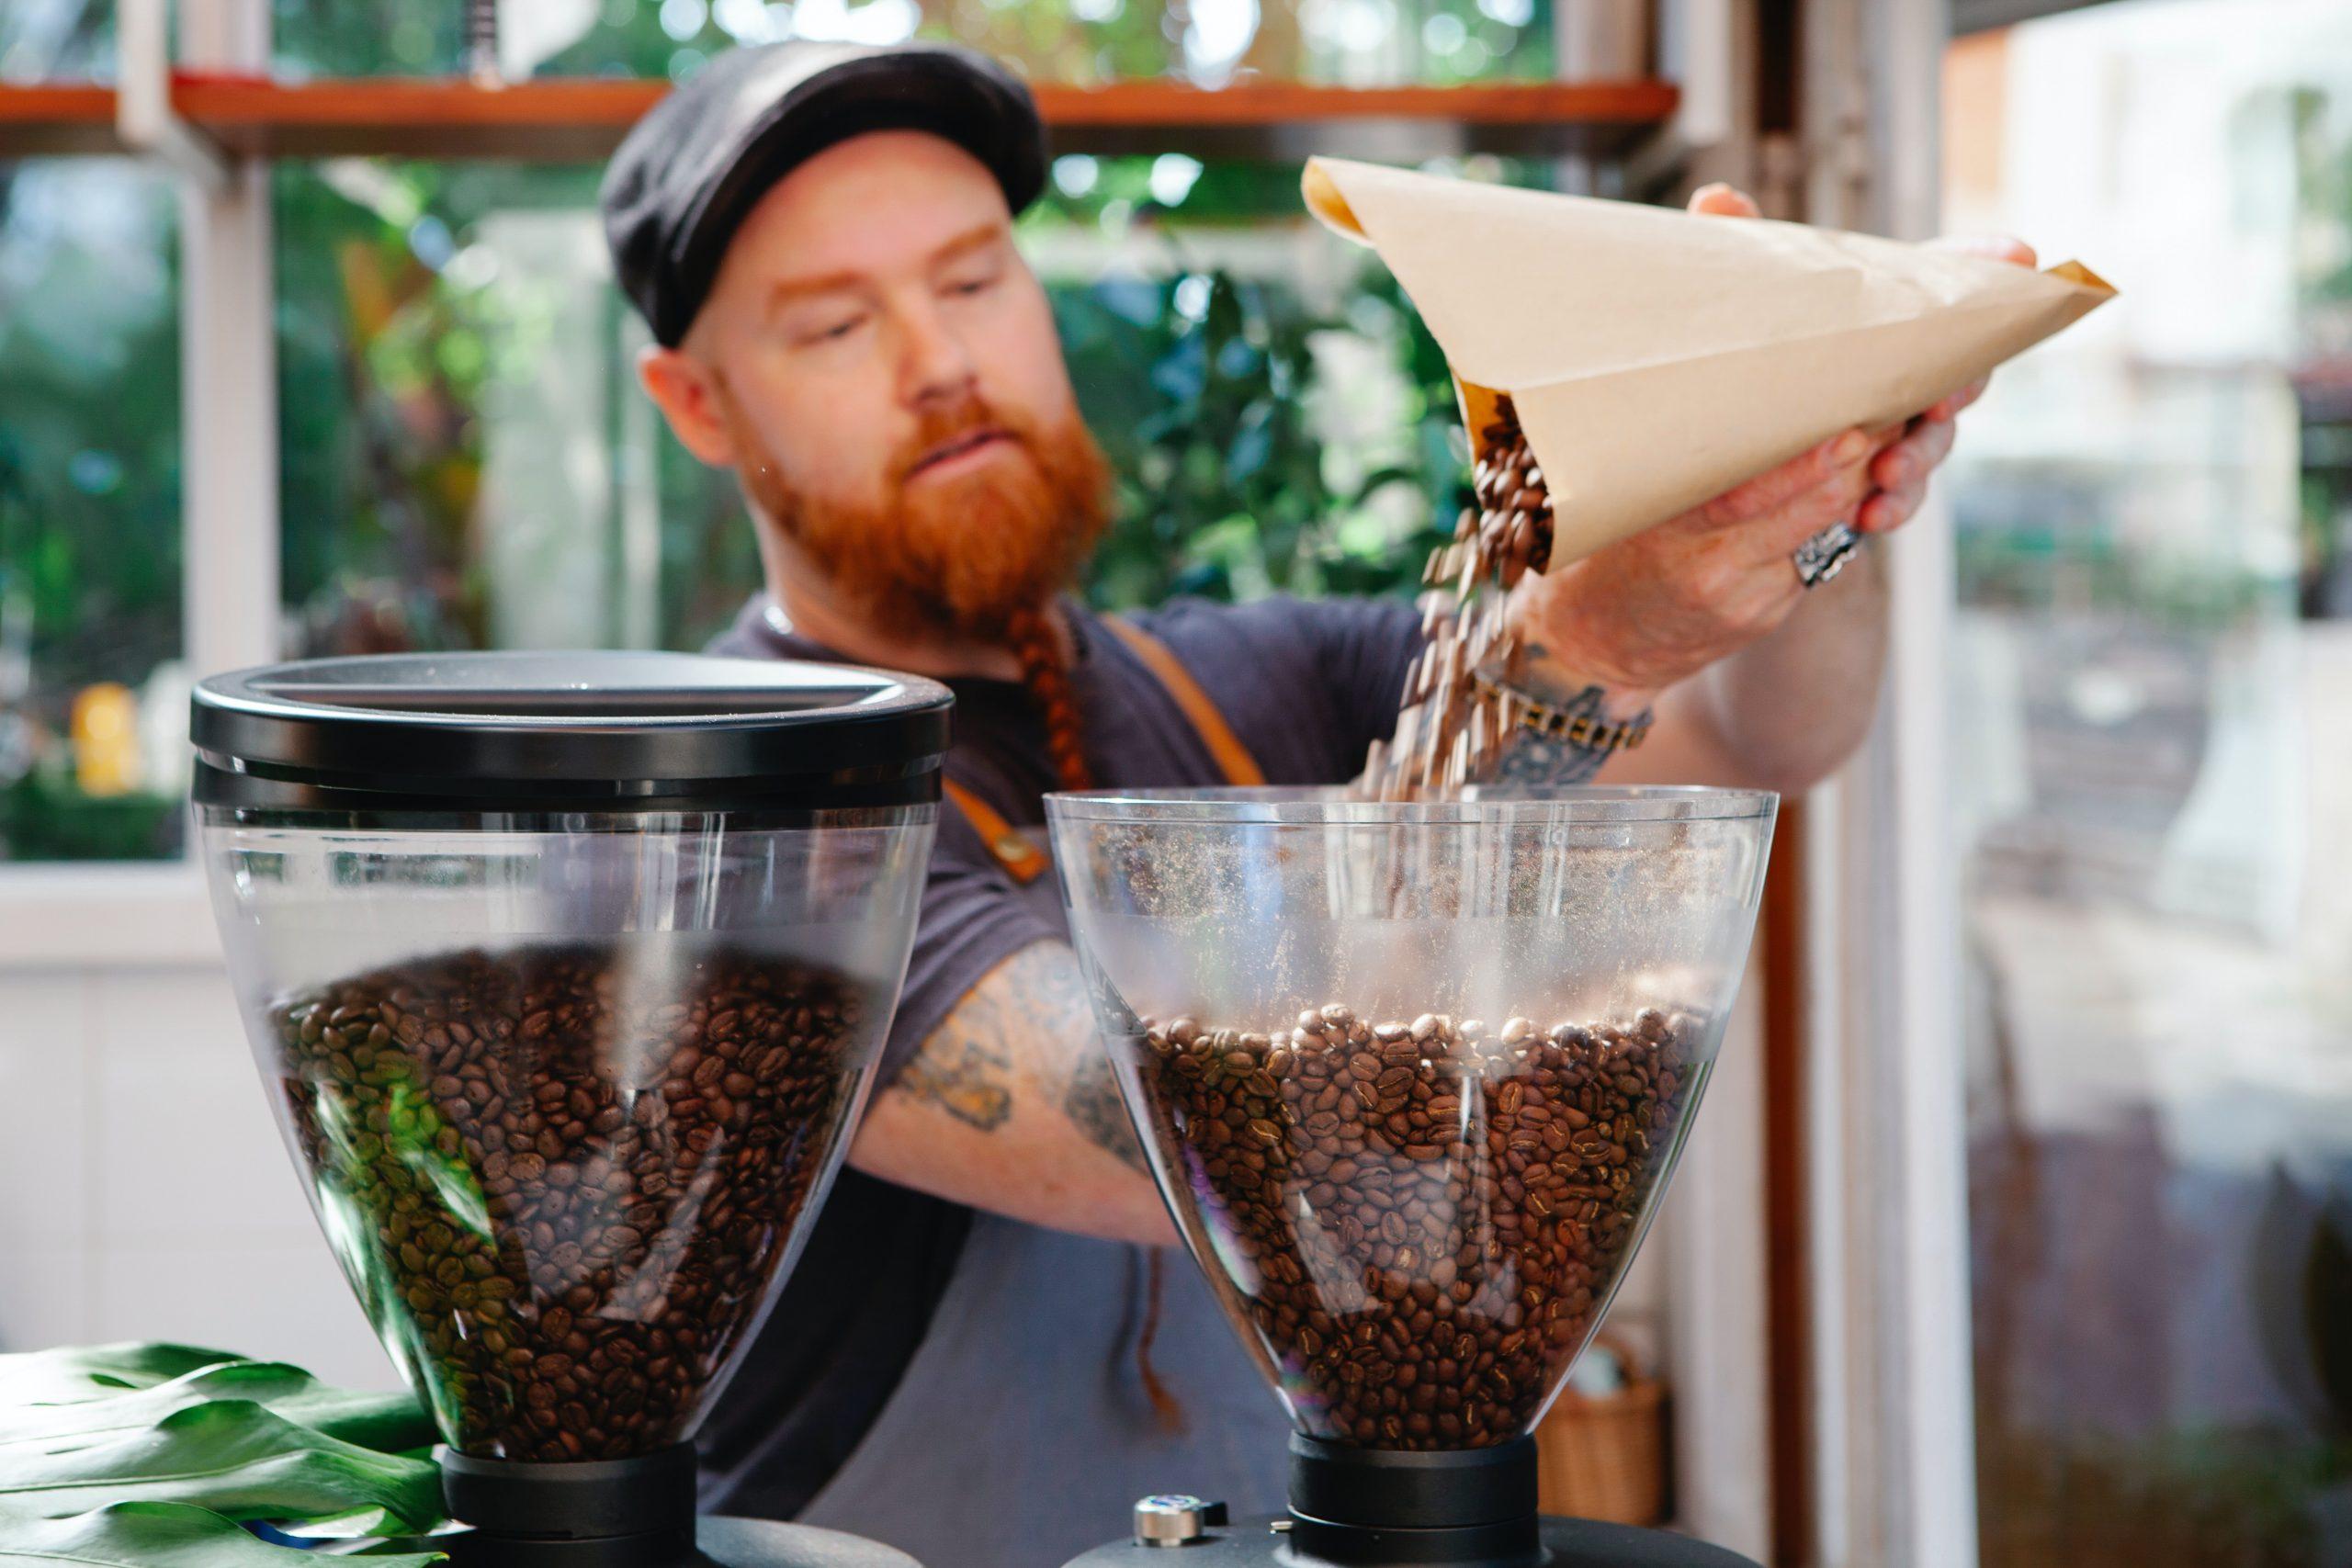 Na foto um homem colocando grãos de café no reservatório de um moedor de café.